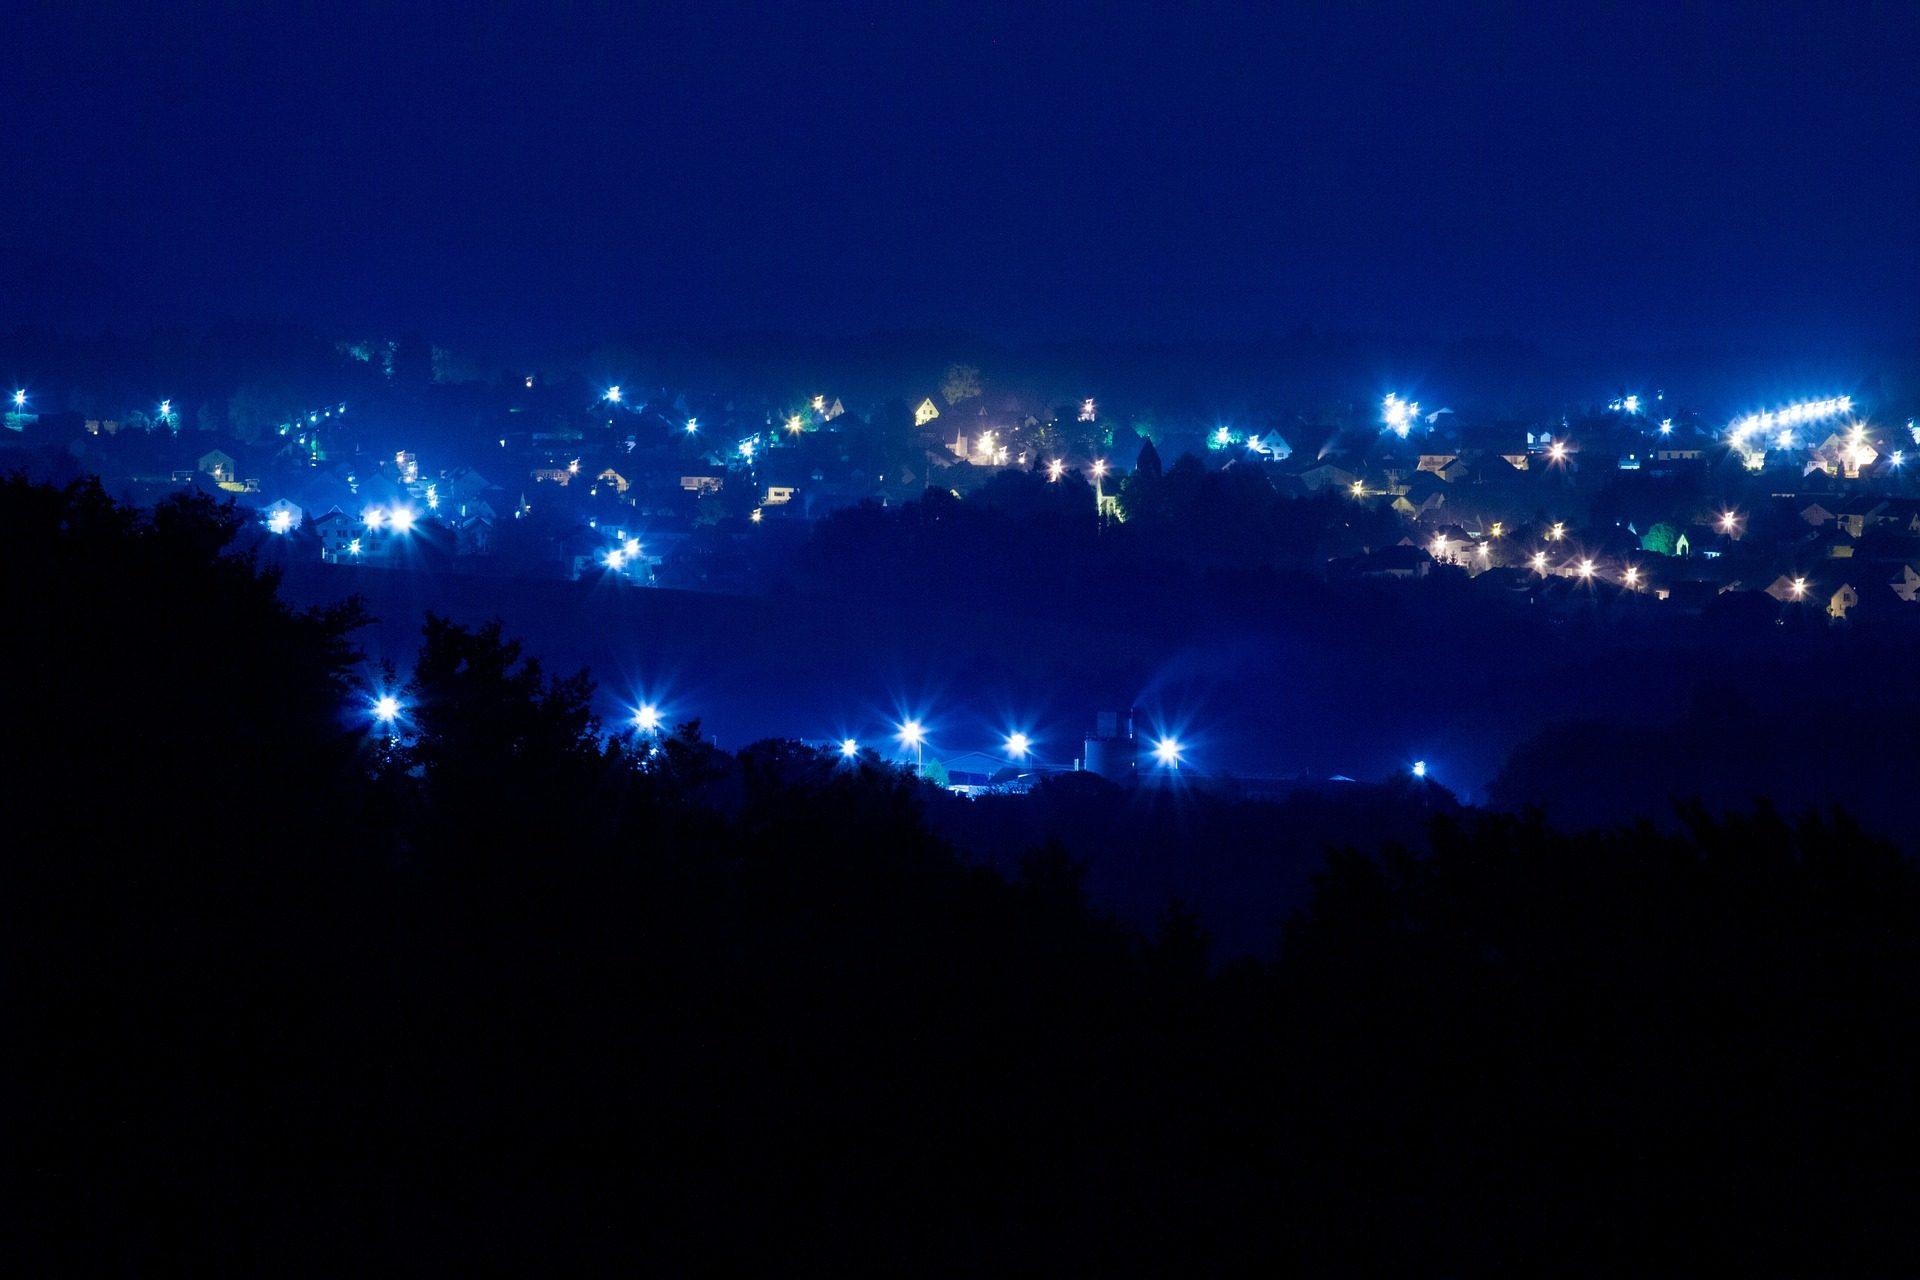 قرية, مدينة, ليلة, أضواء, الإضاءة, الظلام - خلفيات عالية الدقة - أستاذ falken.com